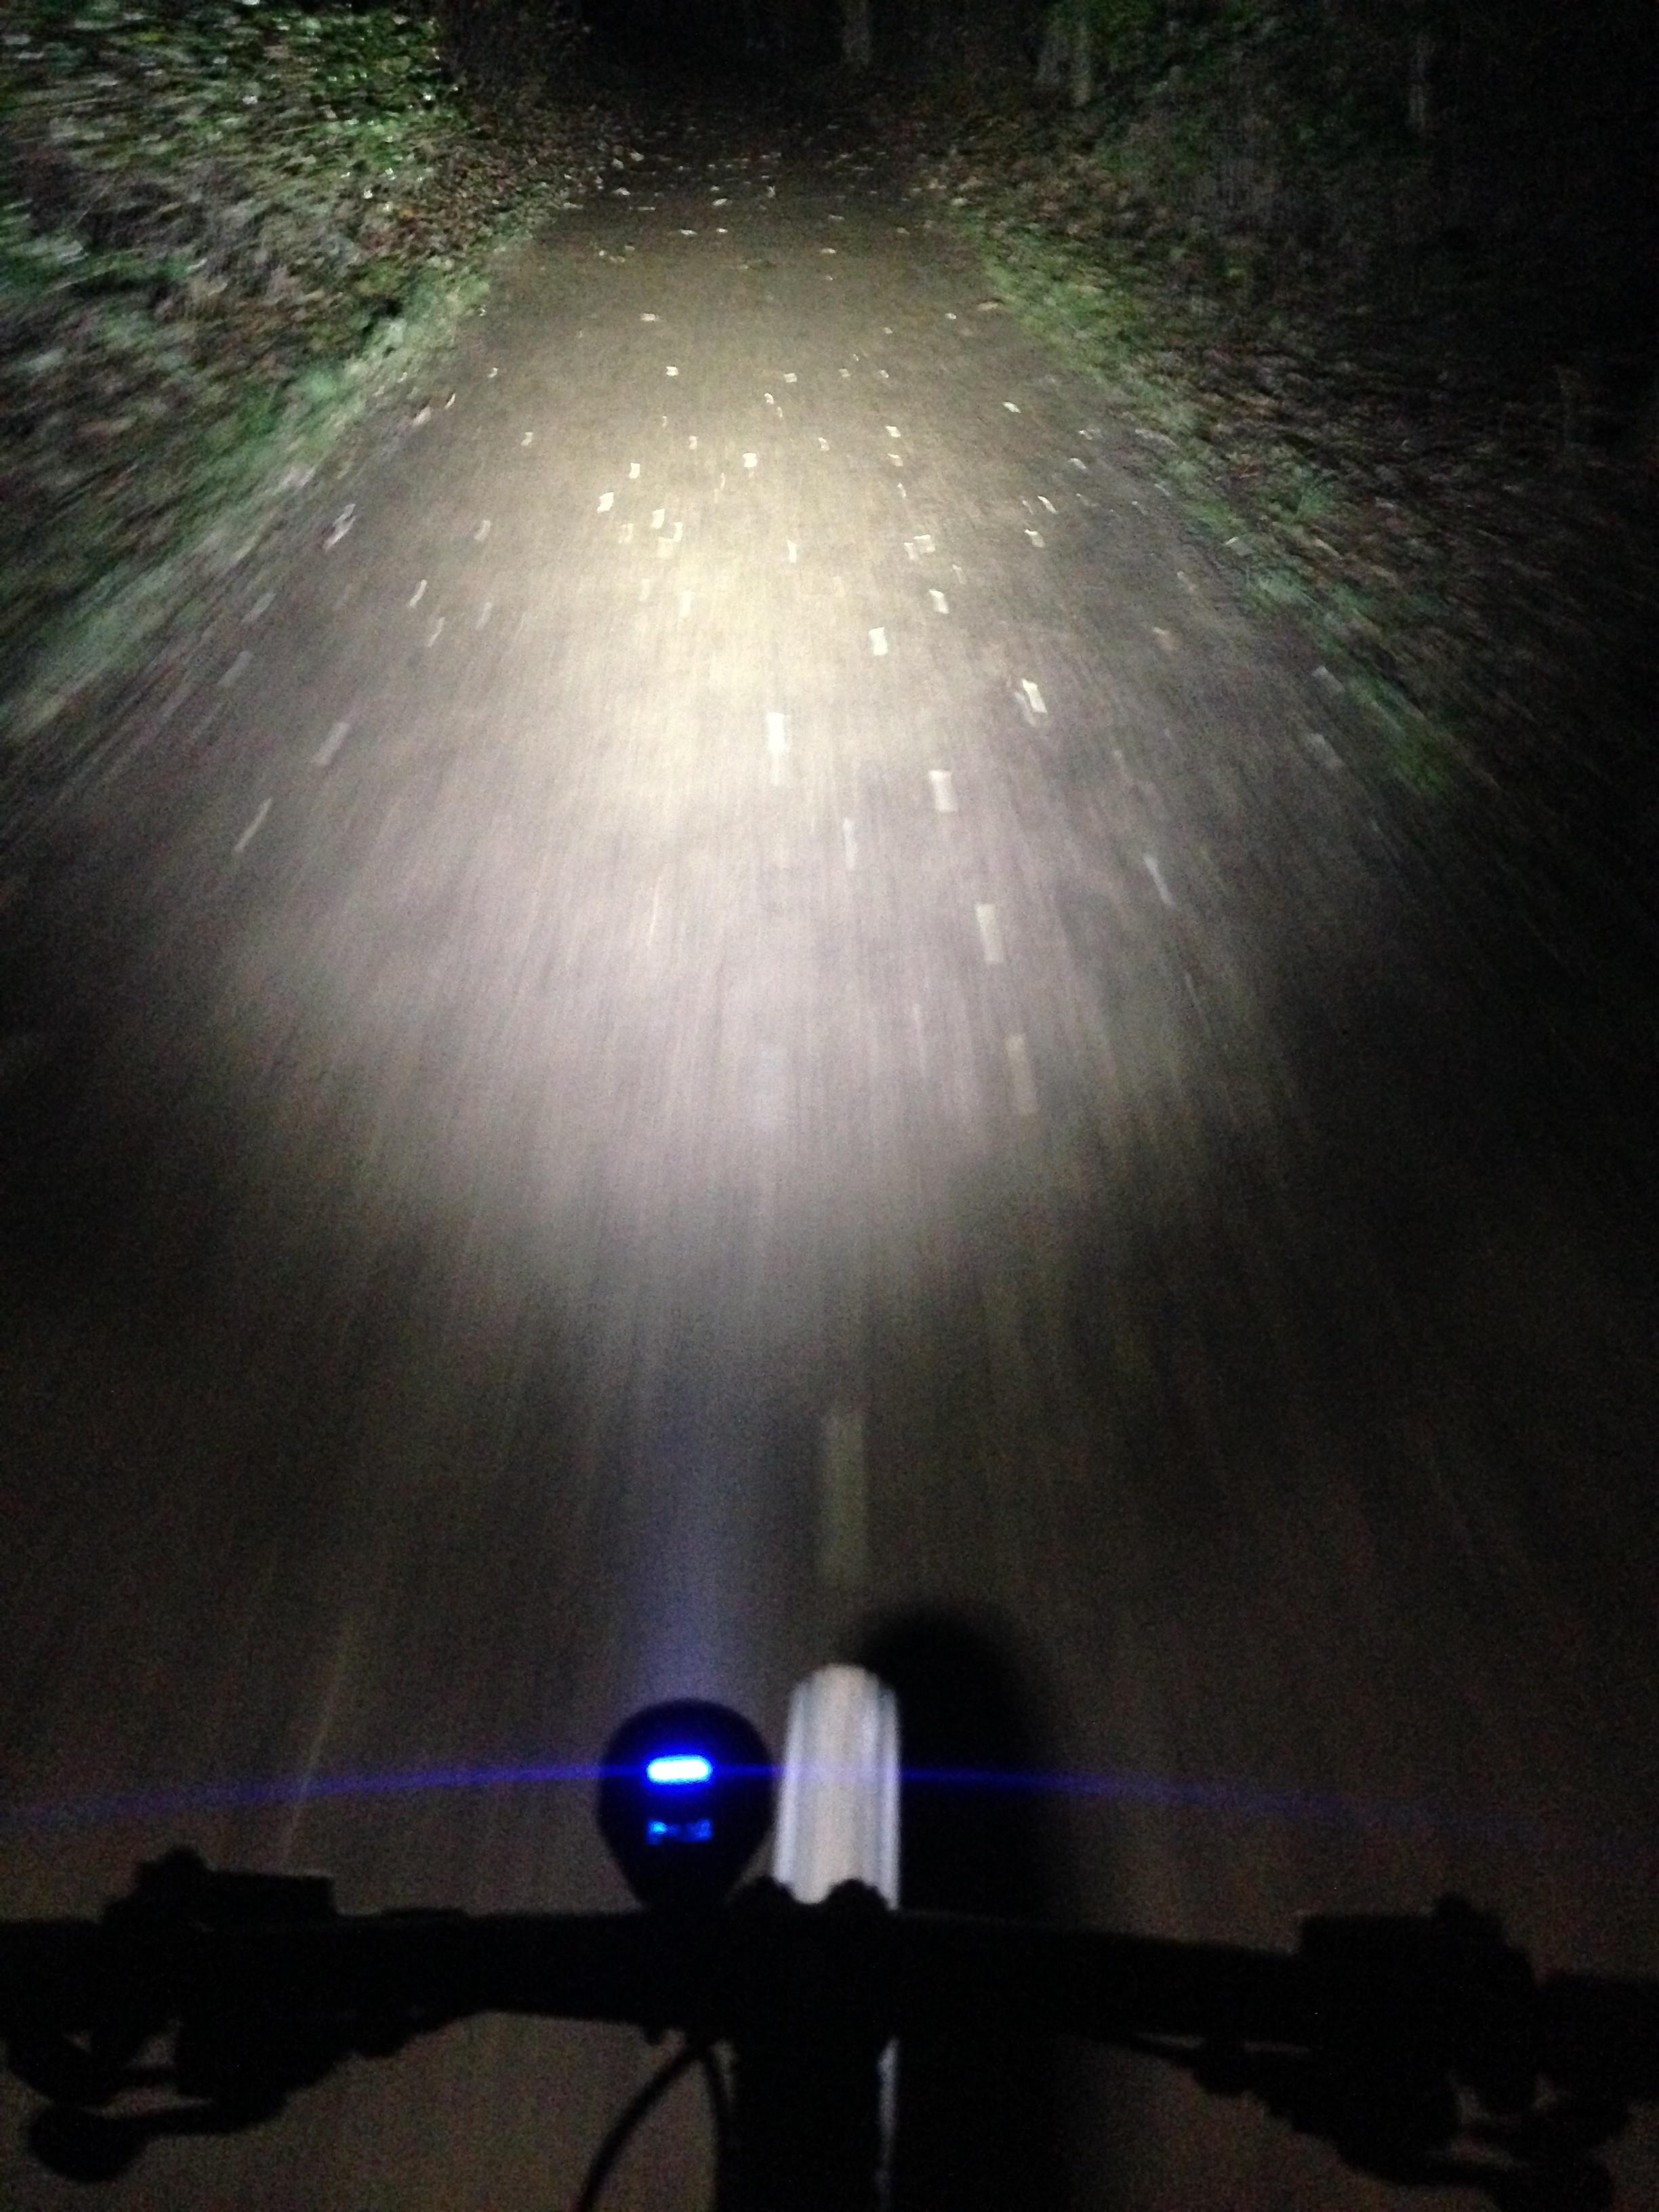 Biken bei Nacht - auch im Dunkeln spannende Trails befahren!